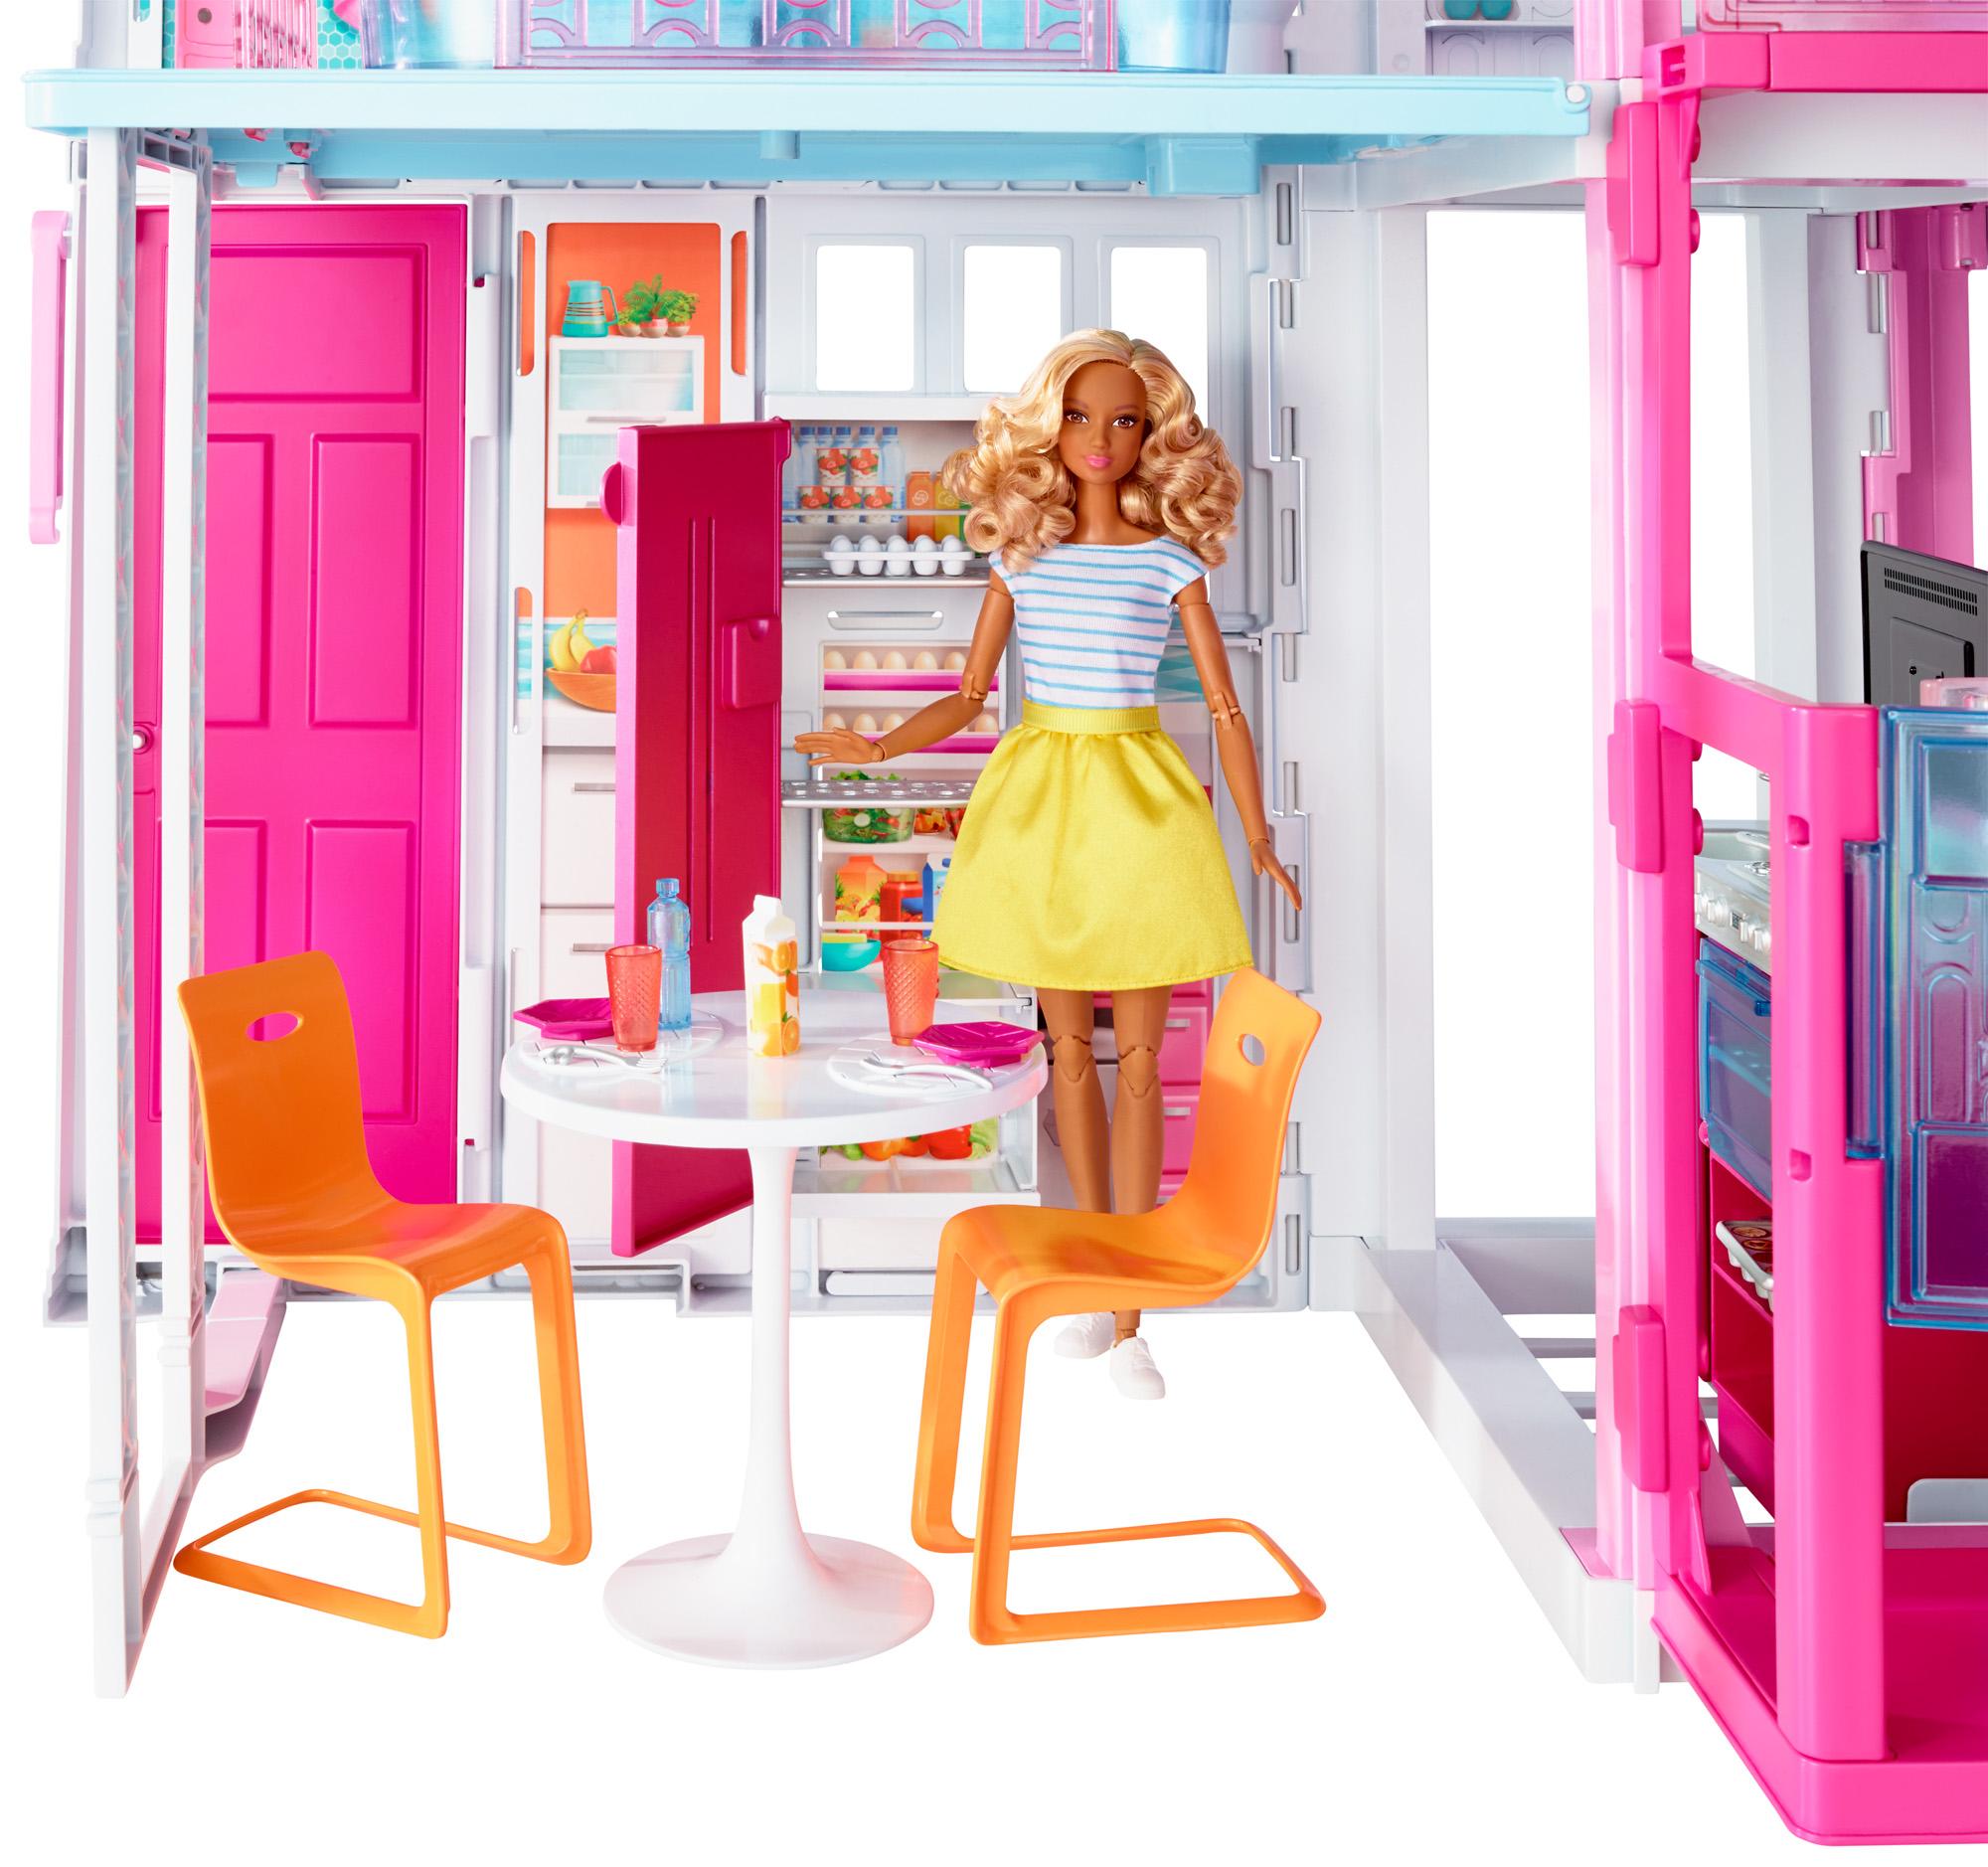 buona consistenza stati uniti migliore La Casa di Malibu - Giocattoli Toys Center